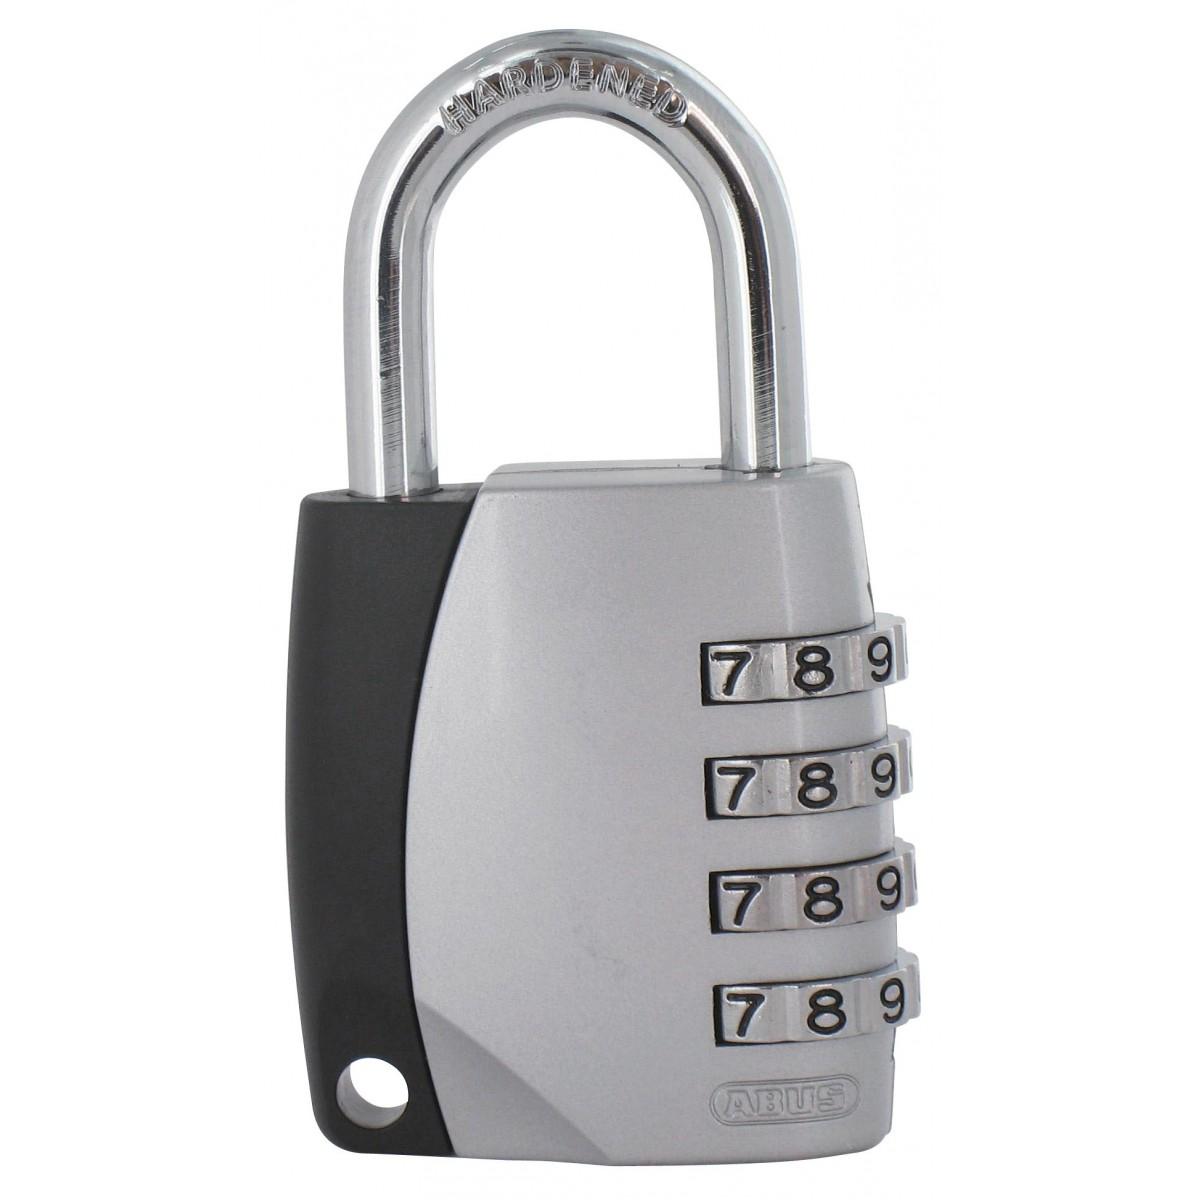 Cadenas noir / aluminium à combinaison interchangeable série 155 Abus - Anse 26,5 mm - Diamètre anse 6,5 mm